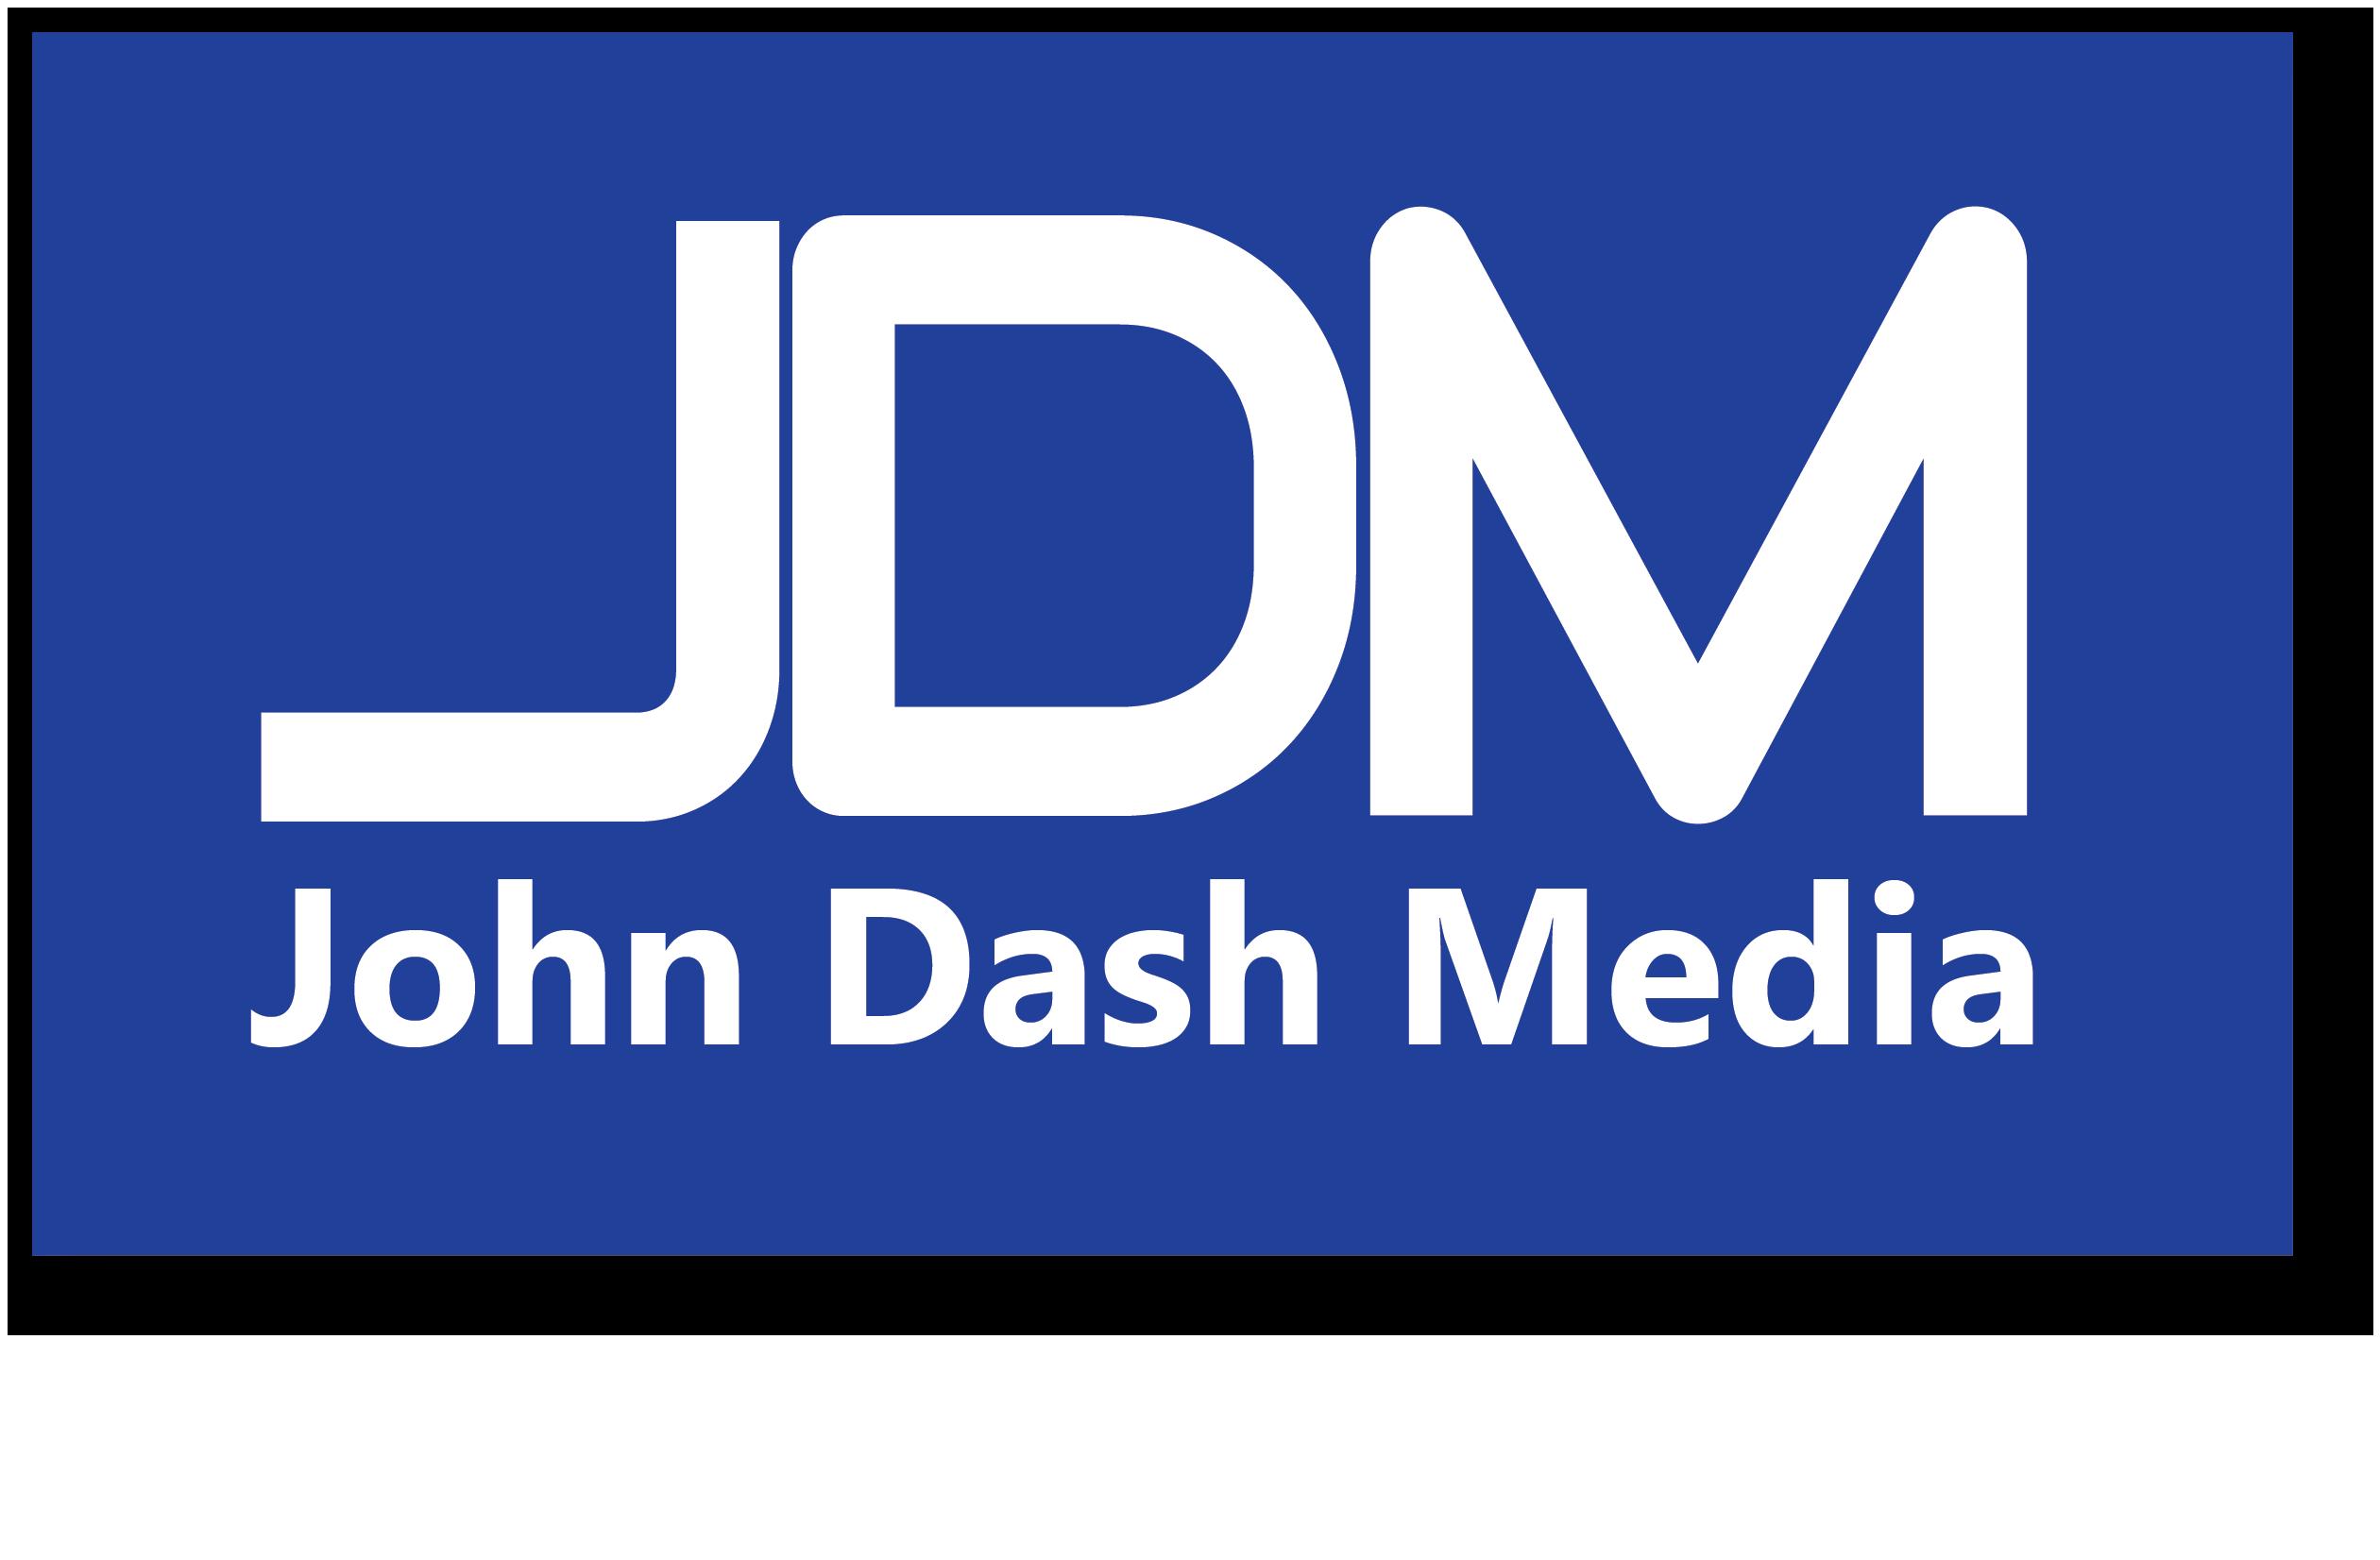 John Dash Media